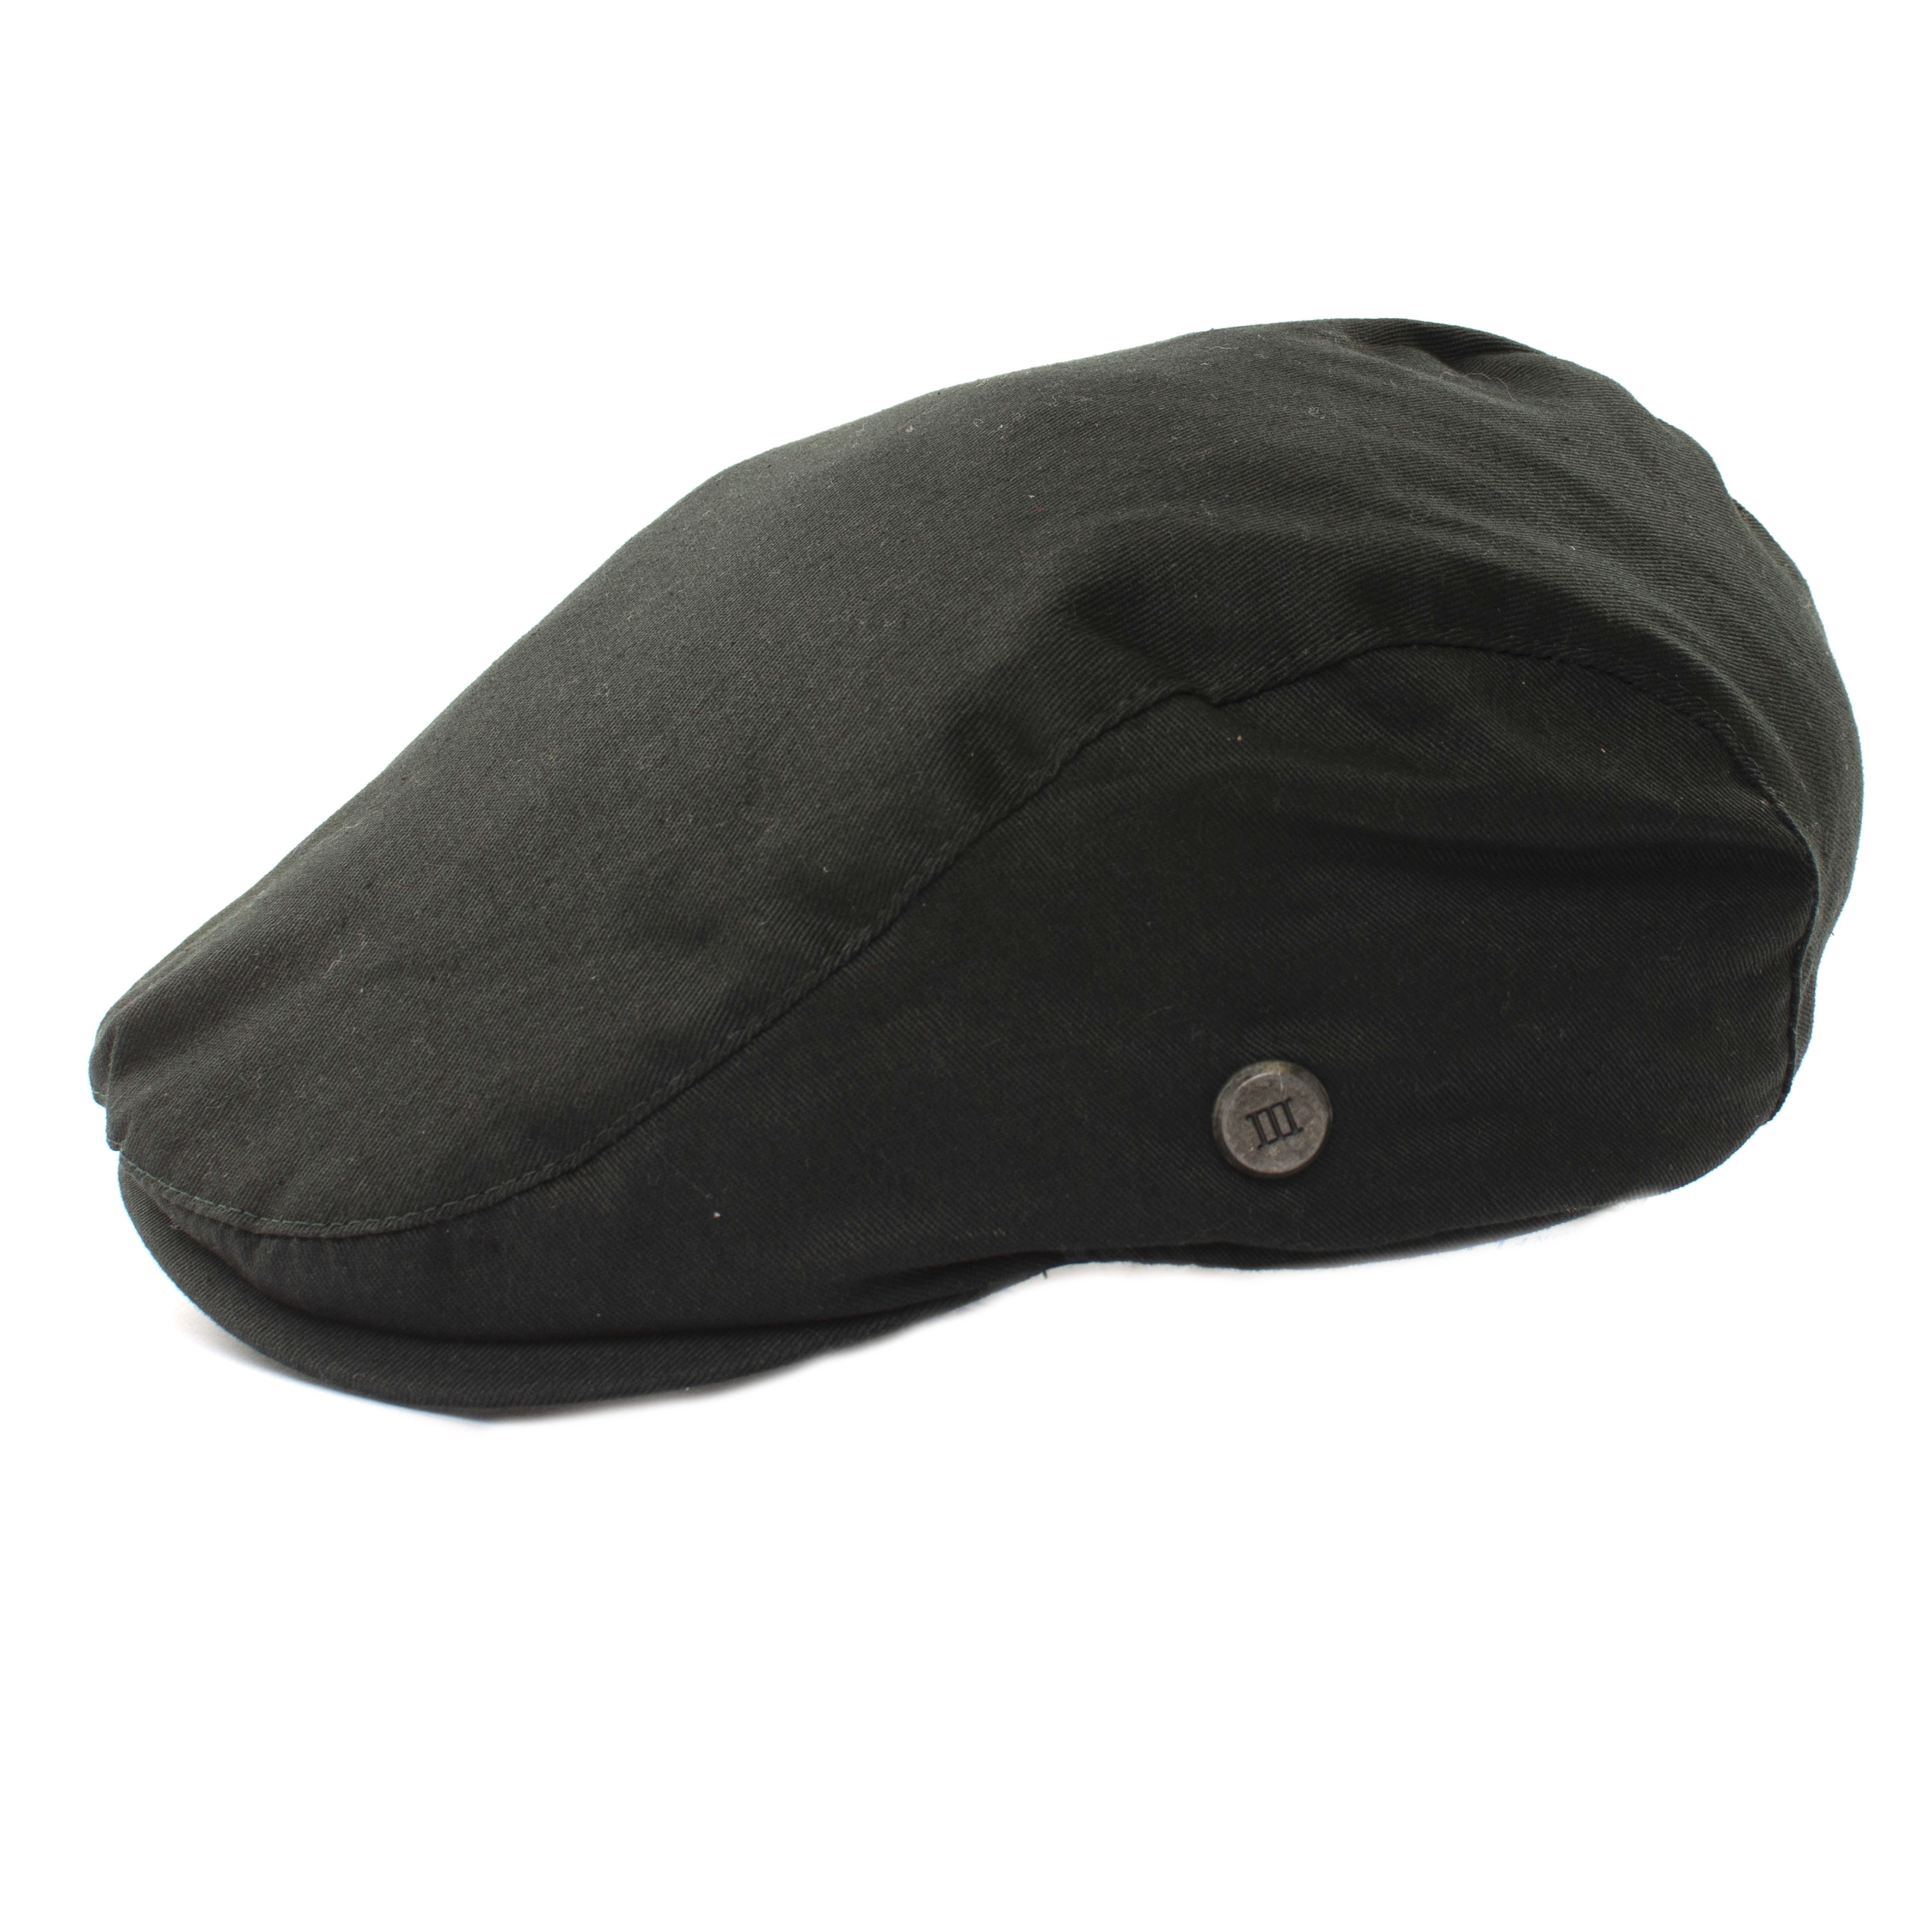 Army green twill  flatcap